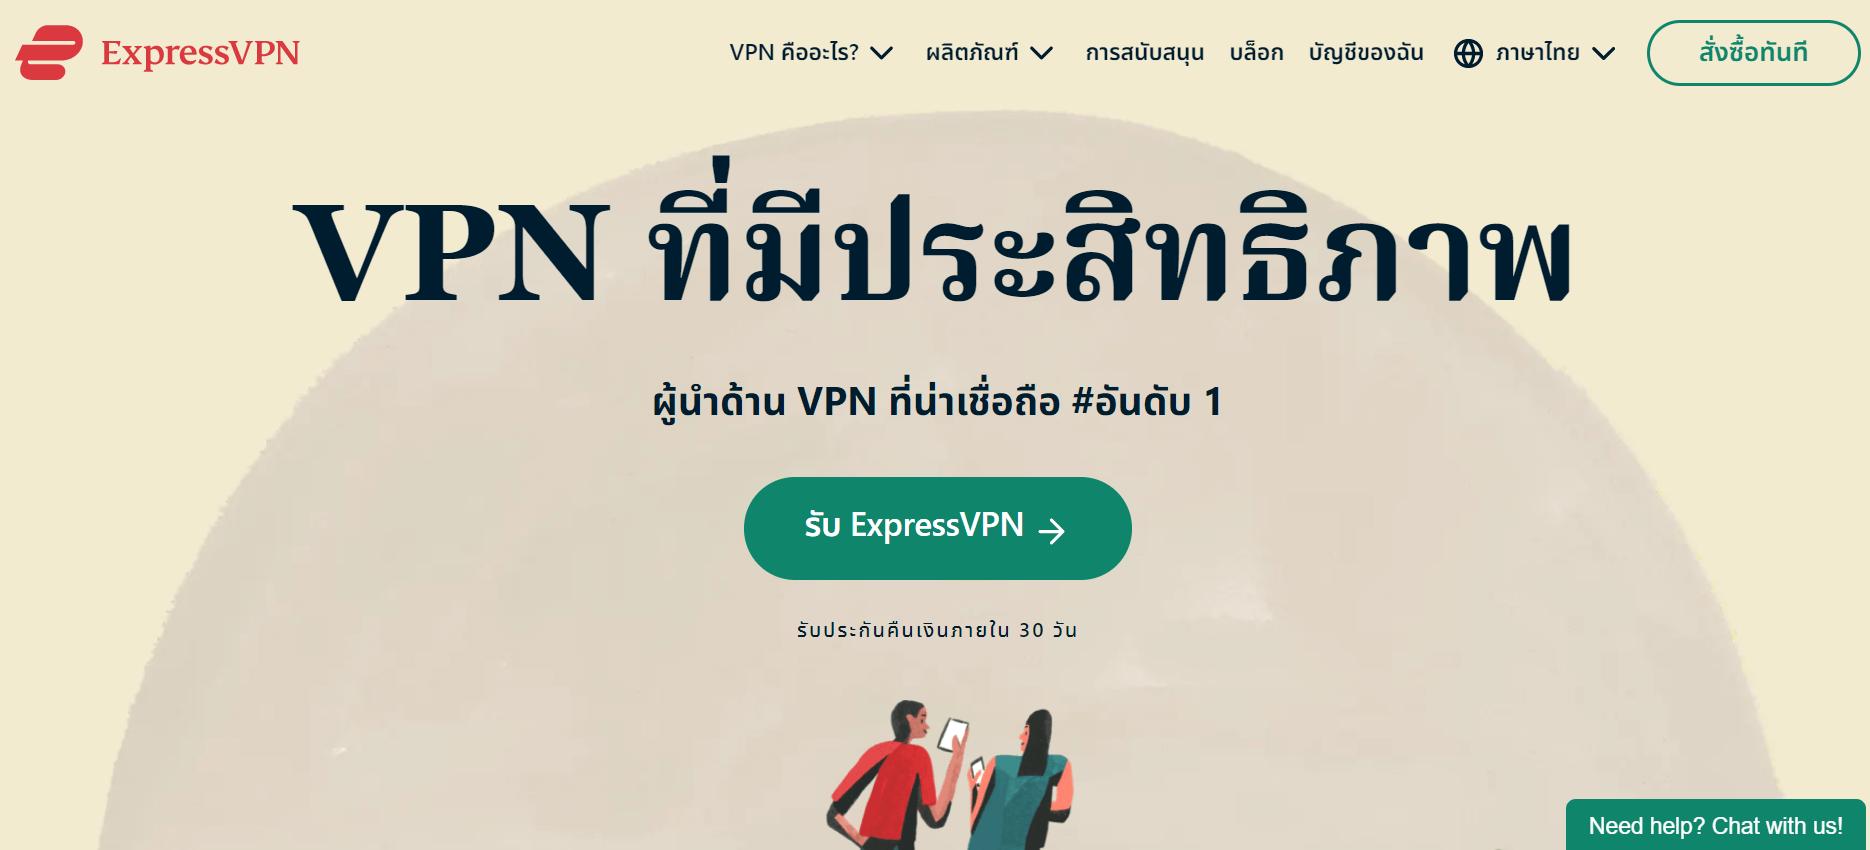 แอพ VPN คือ